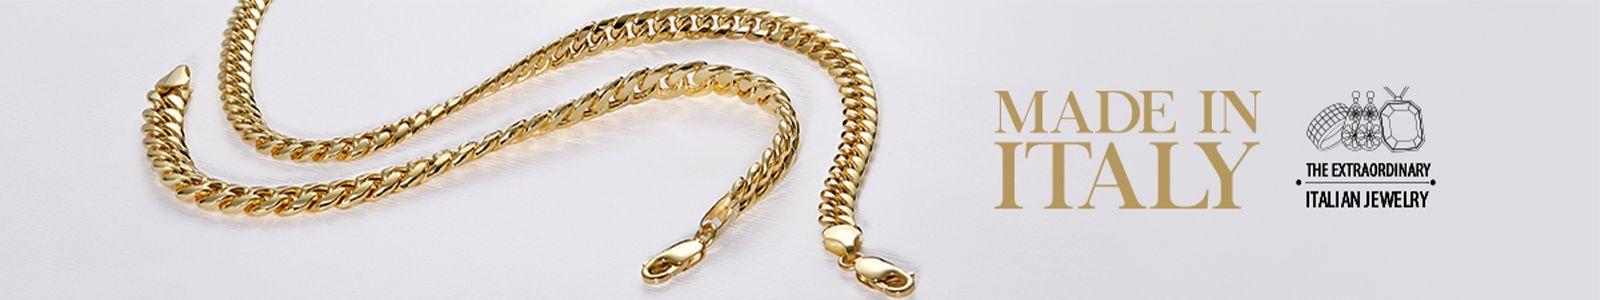 Made in Italy, The Extraordinary, Italian Jewelry